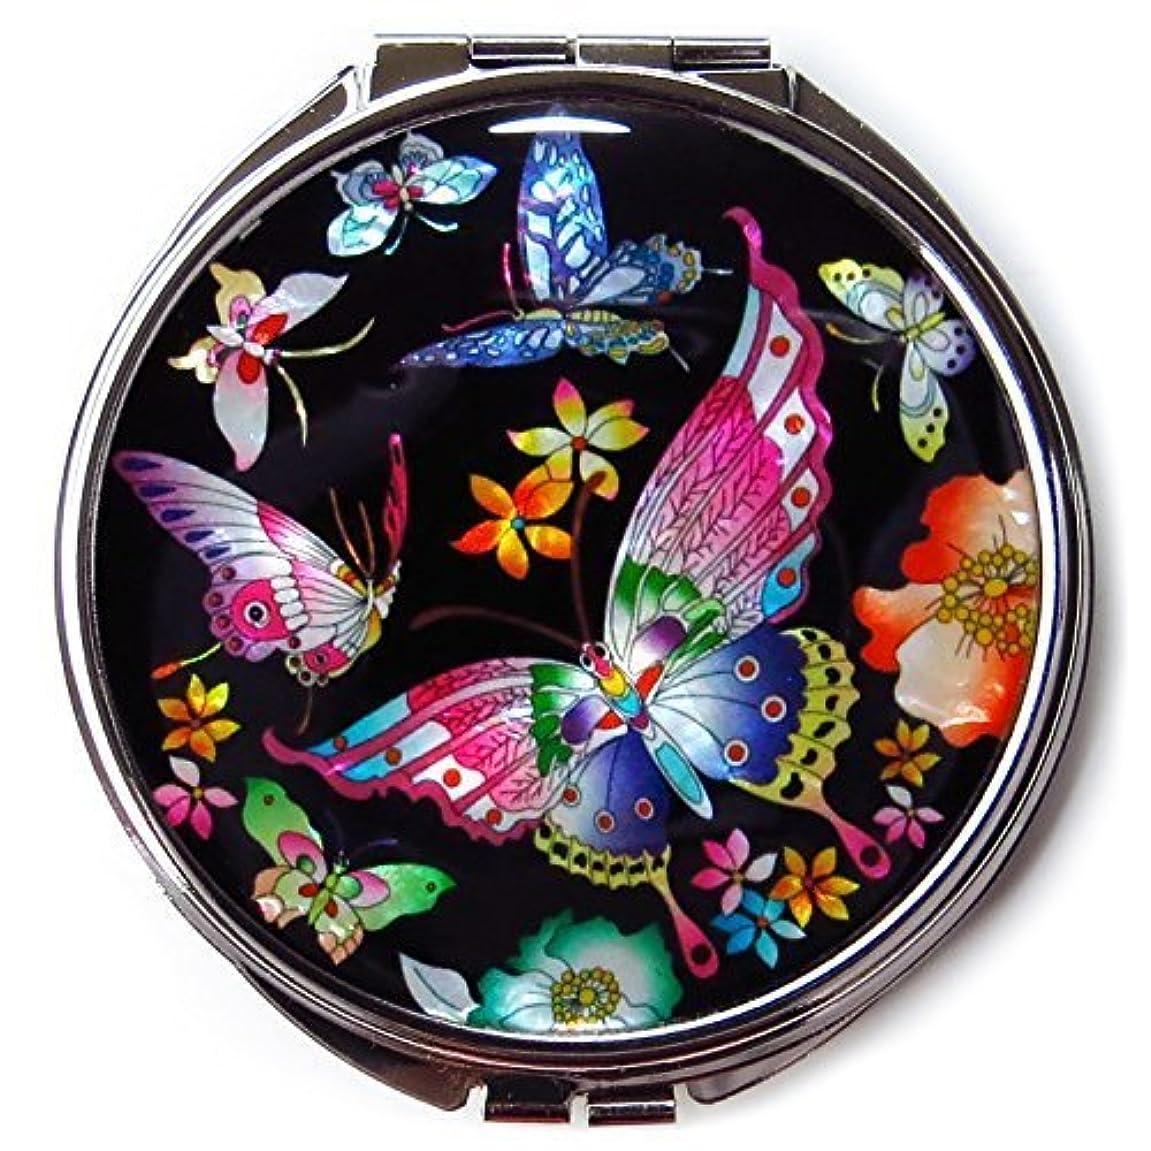 松の木委託エレガントMADDesign #3黒真珠金属蝶の韓国化粧コンパクトミラー母 黒、赤、黄、青、ピンク、緑、紫 [並行輸入品]